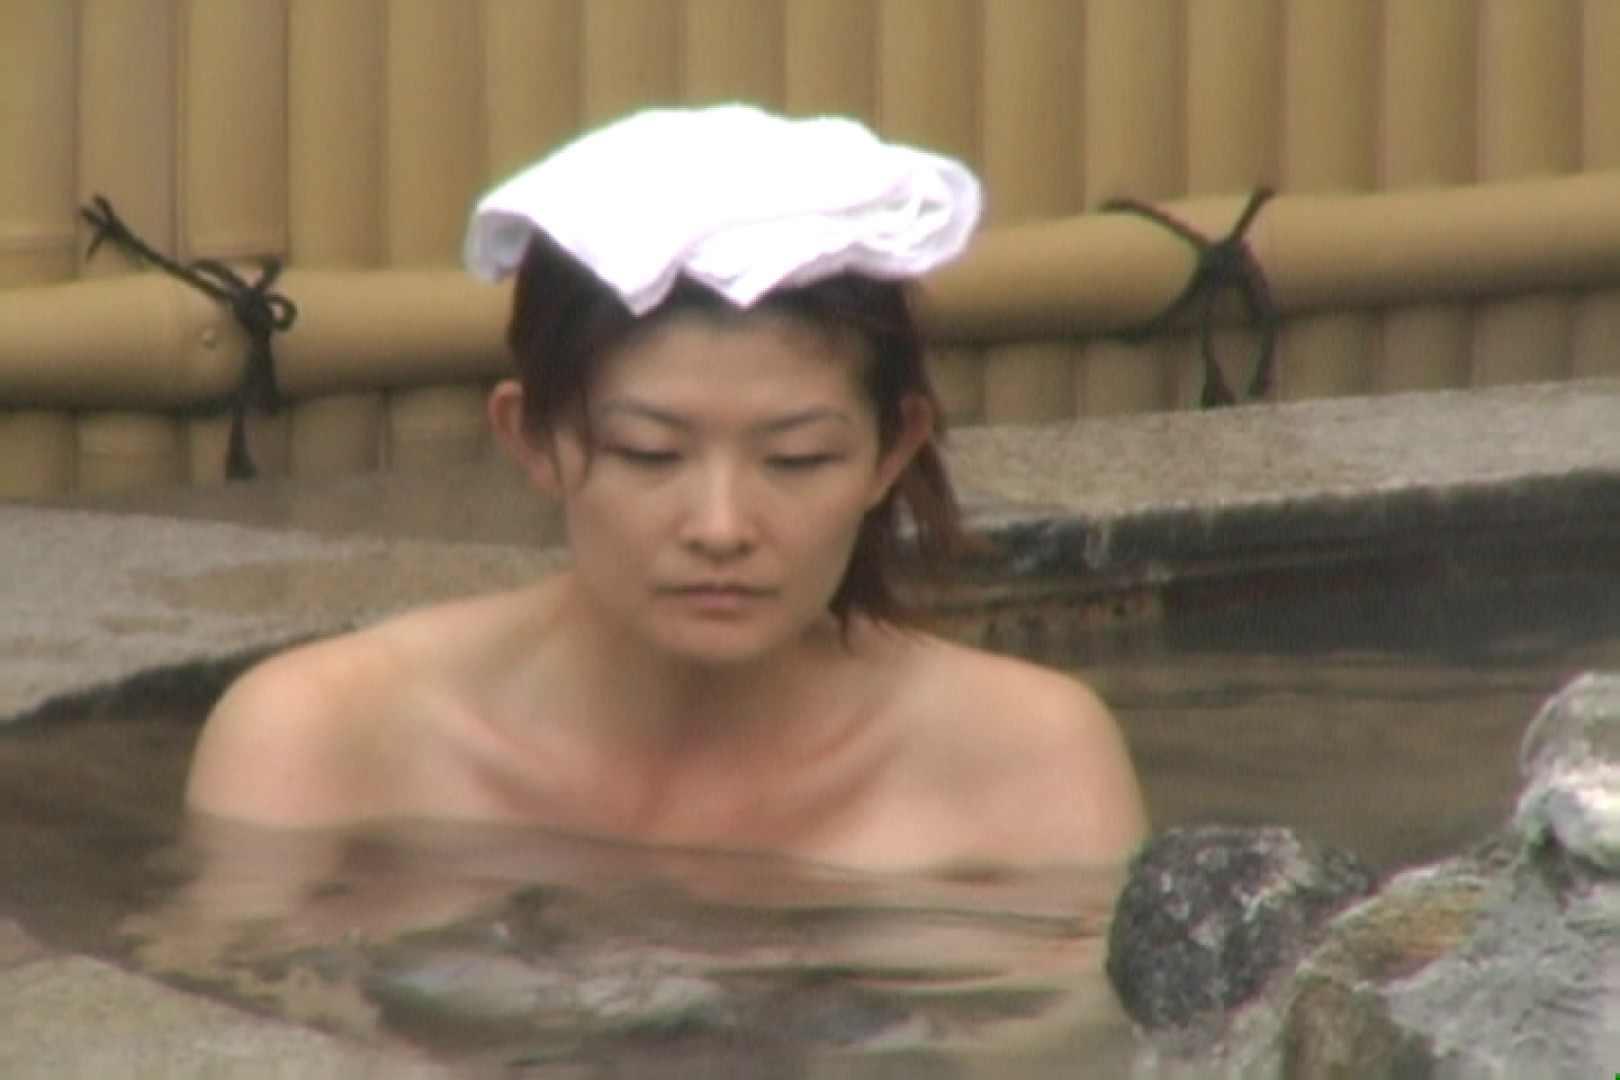 Aquaな露天風呂Vol.611 露天風呂  18連発 15